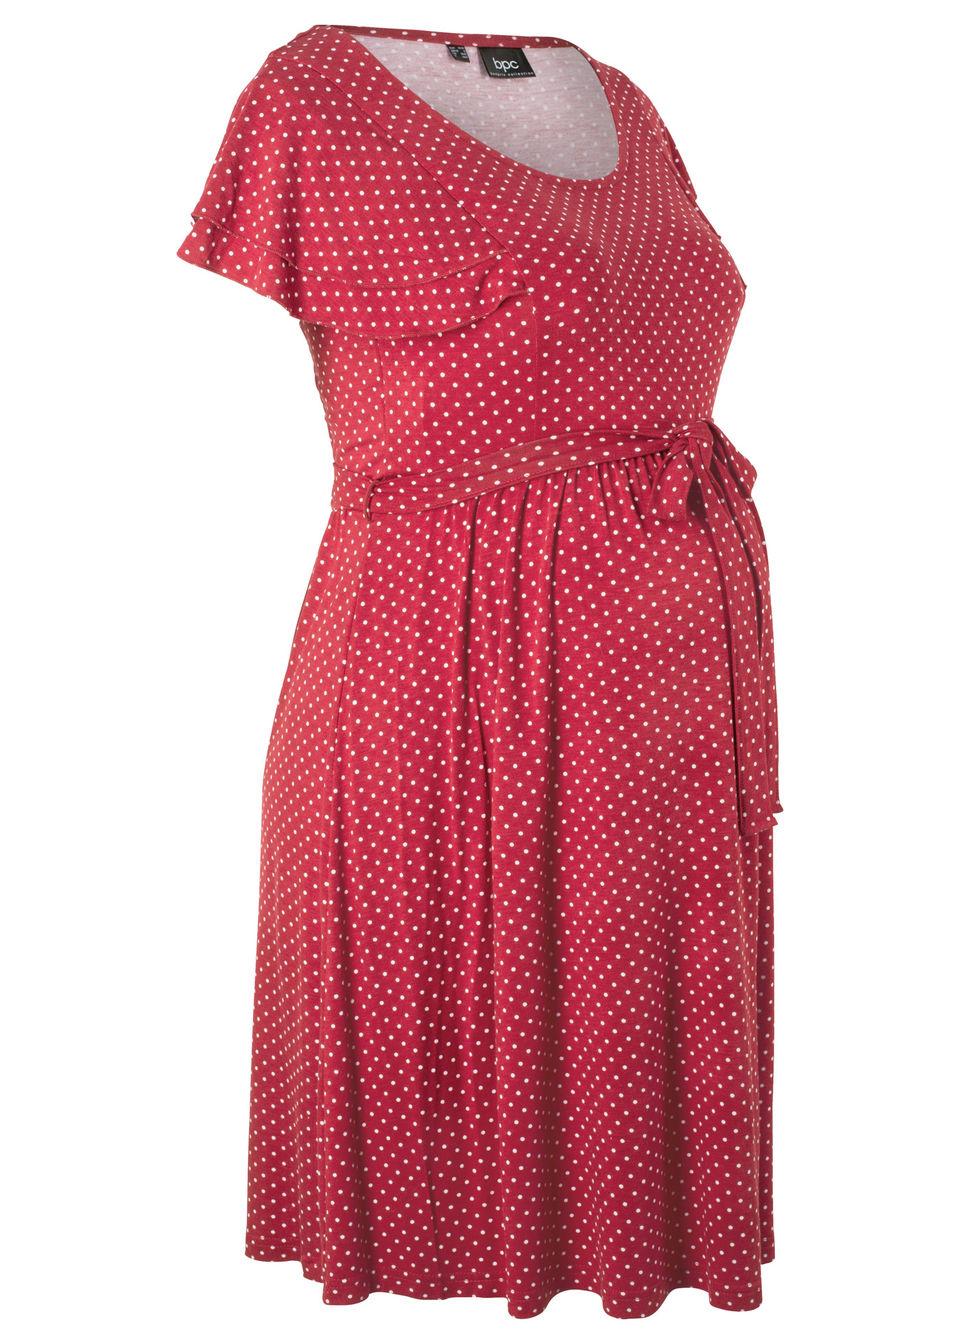 504c288eea10 Bonprix Tehotenské úpletové šaty - Glami.sk